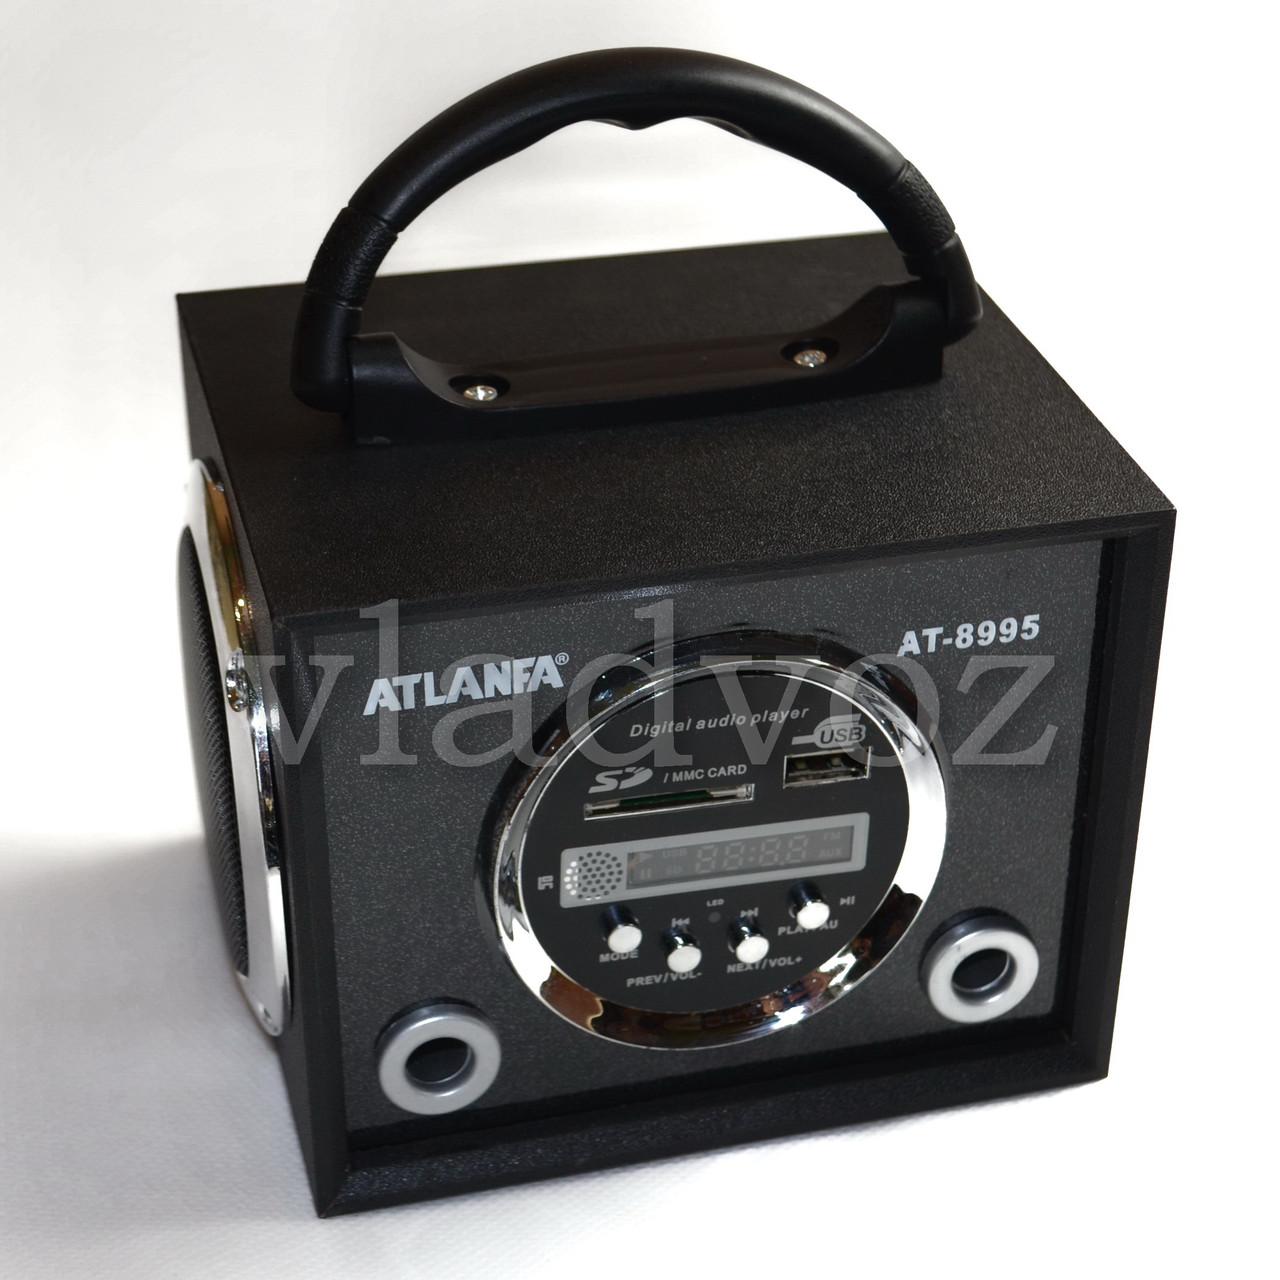 Портативная колонка Atlanfa AT-8995 чёрная с usb и sd